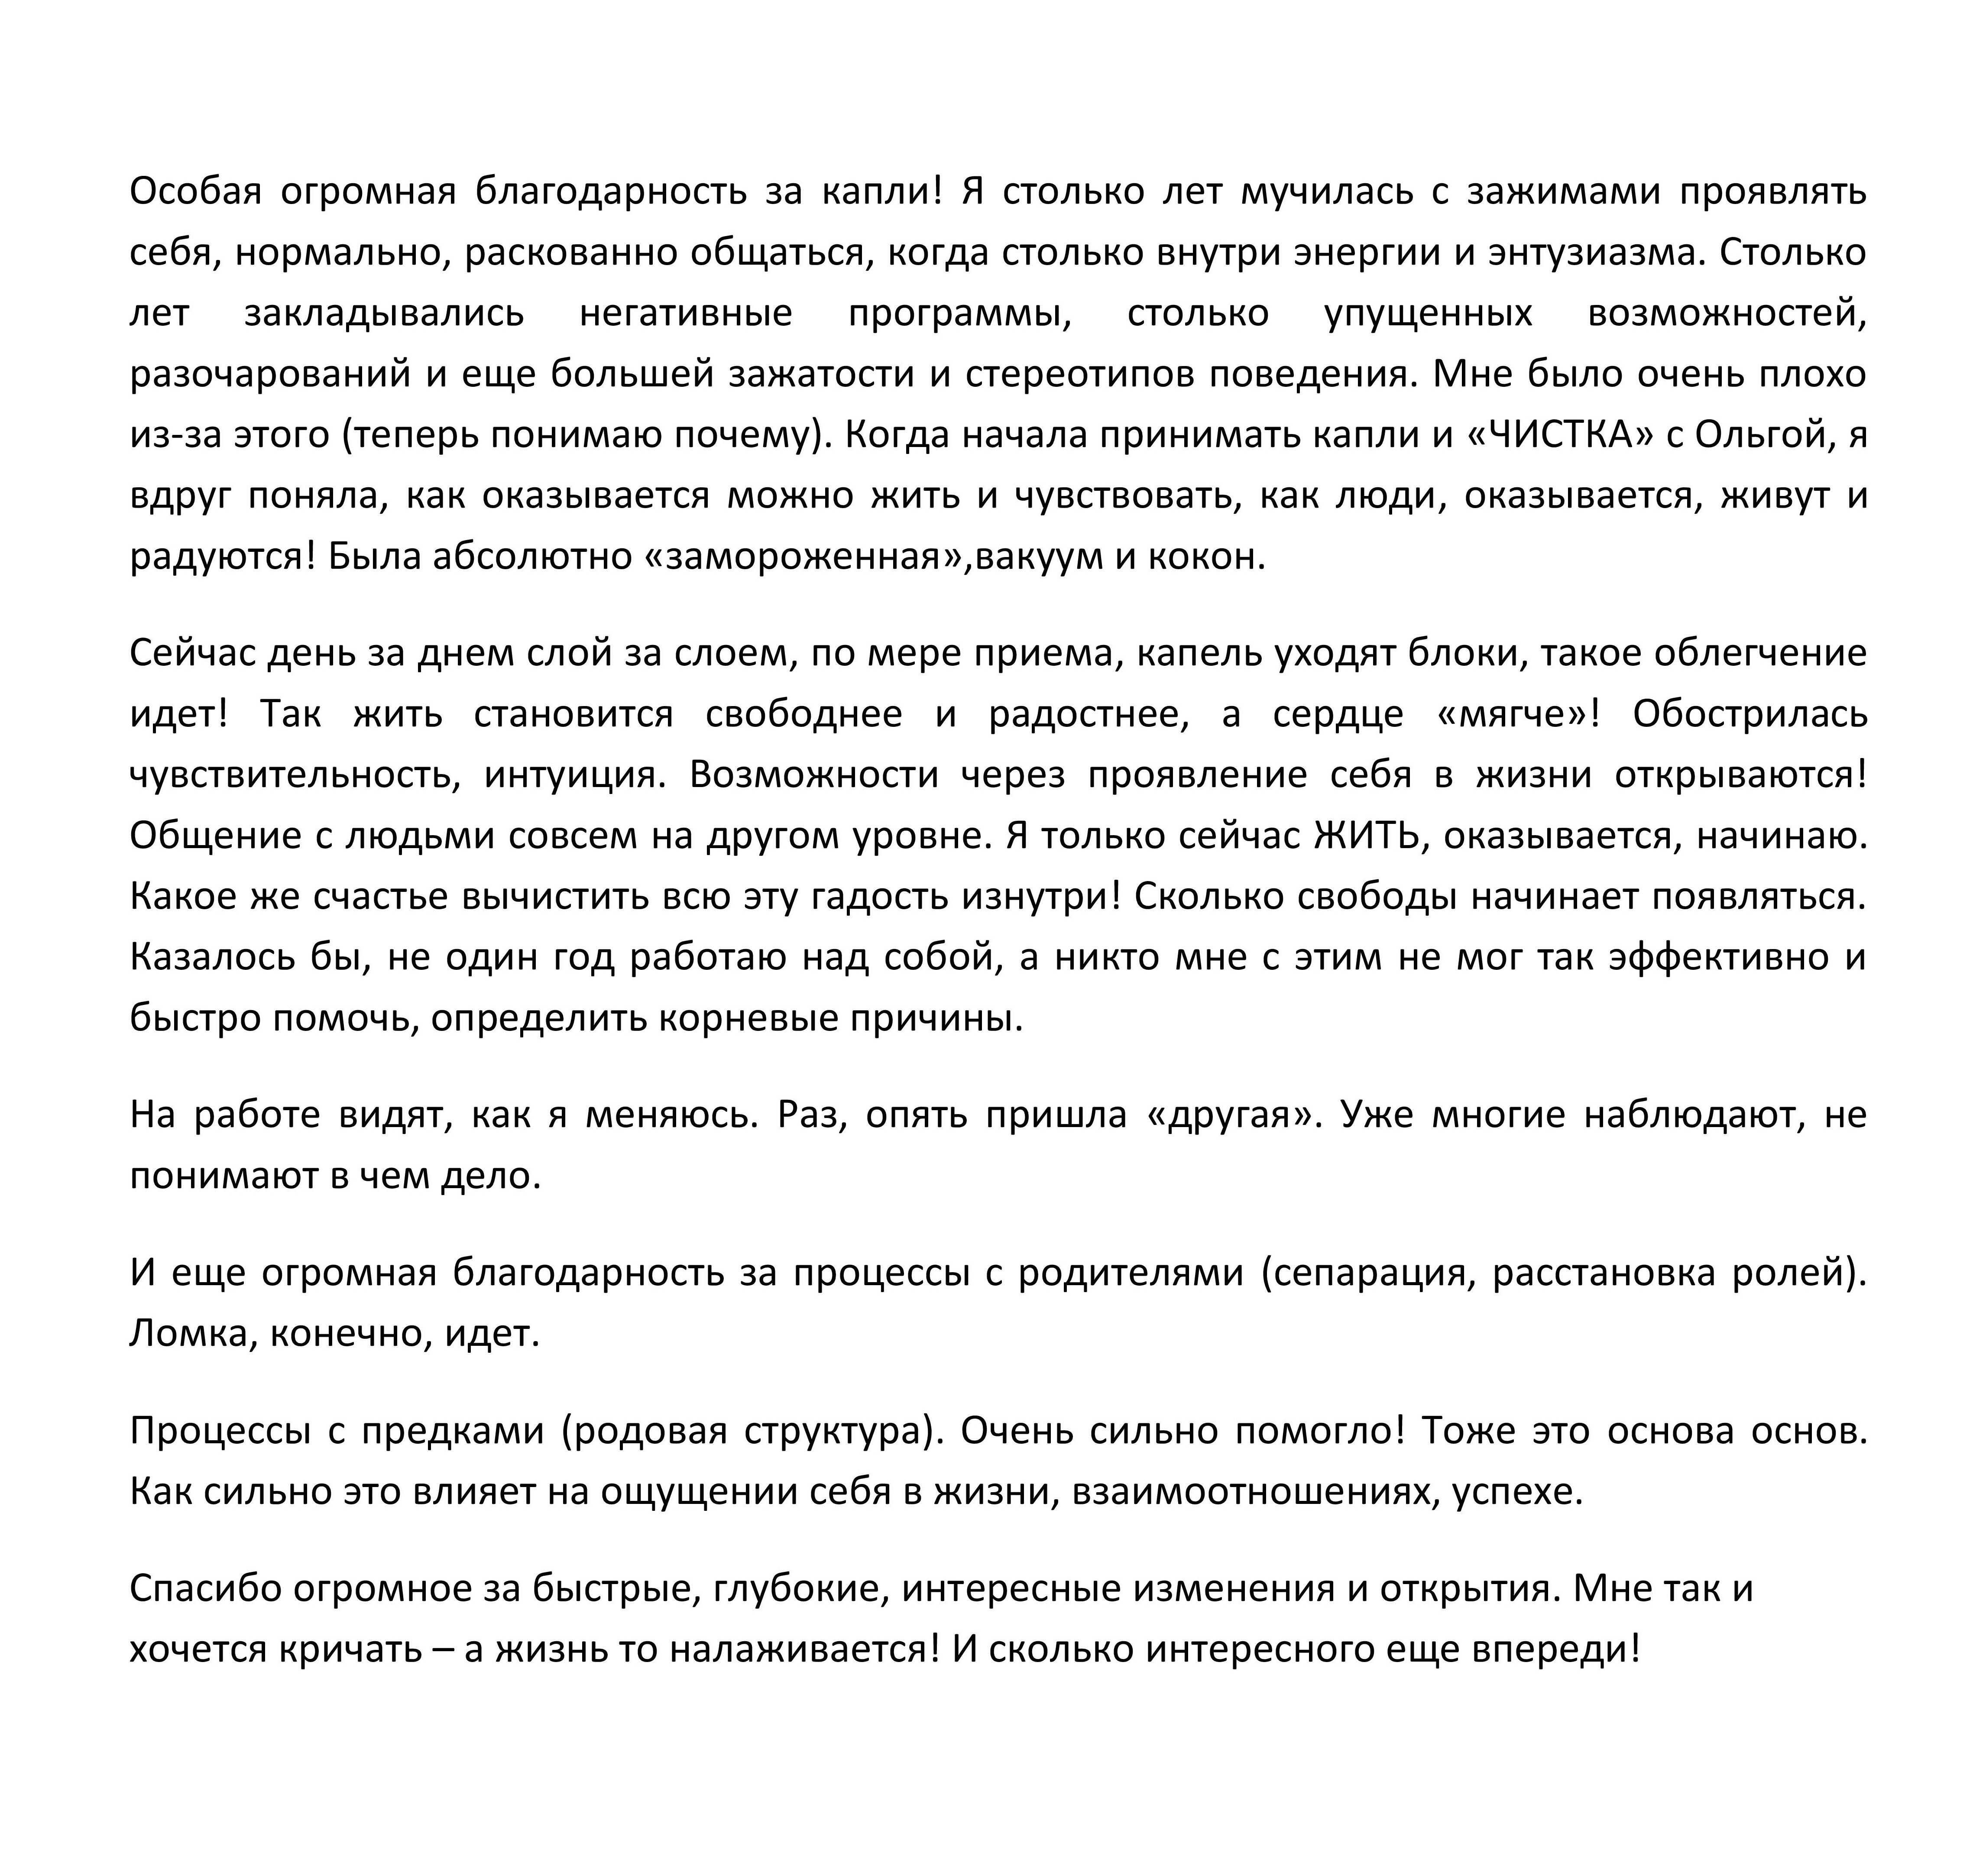 Виктория П., город Москва